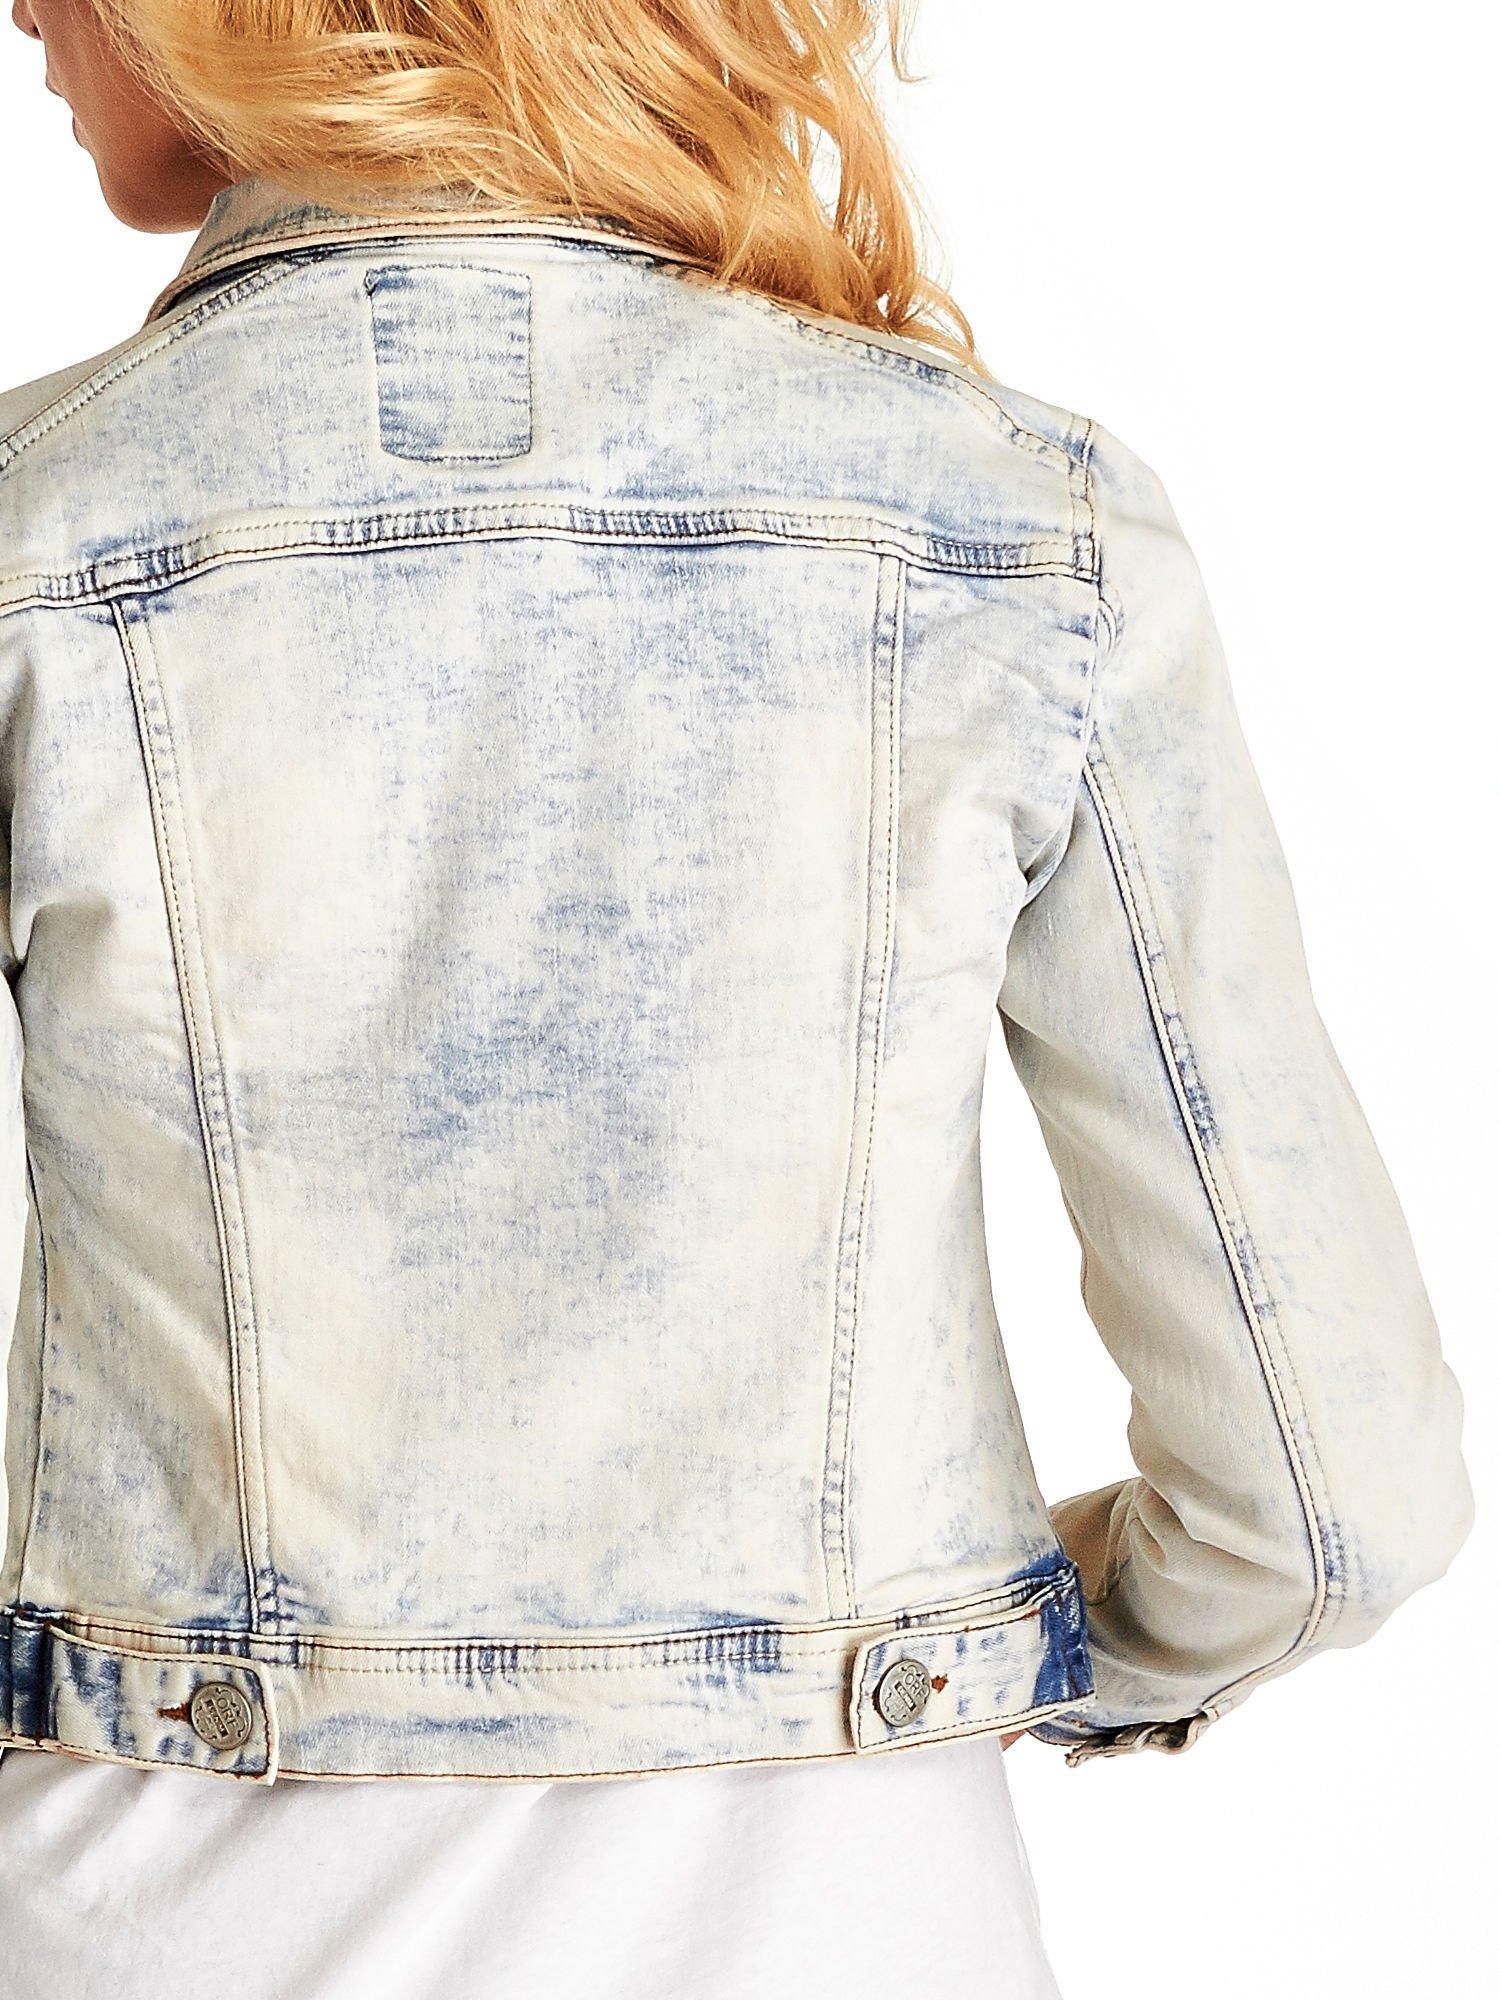 Jasnoniebieska kurtka jeansowa damska marmurkowa Jasnoniebieska kurtka jeansowa damska marmurkowa z kieszeniami                                  zdj.                                  6